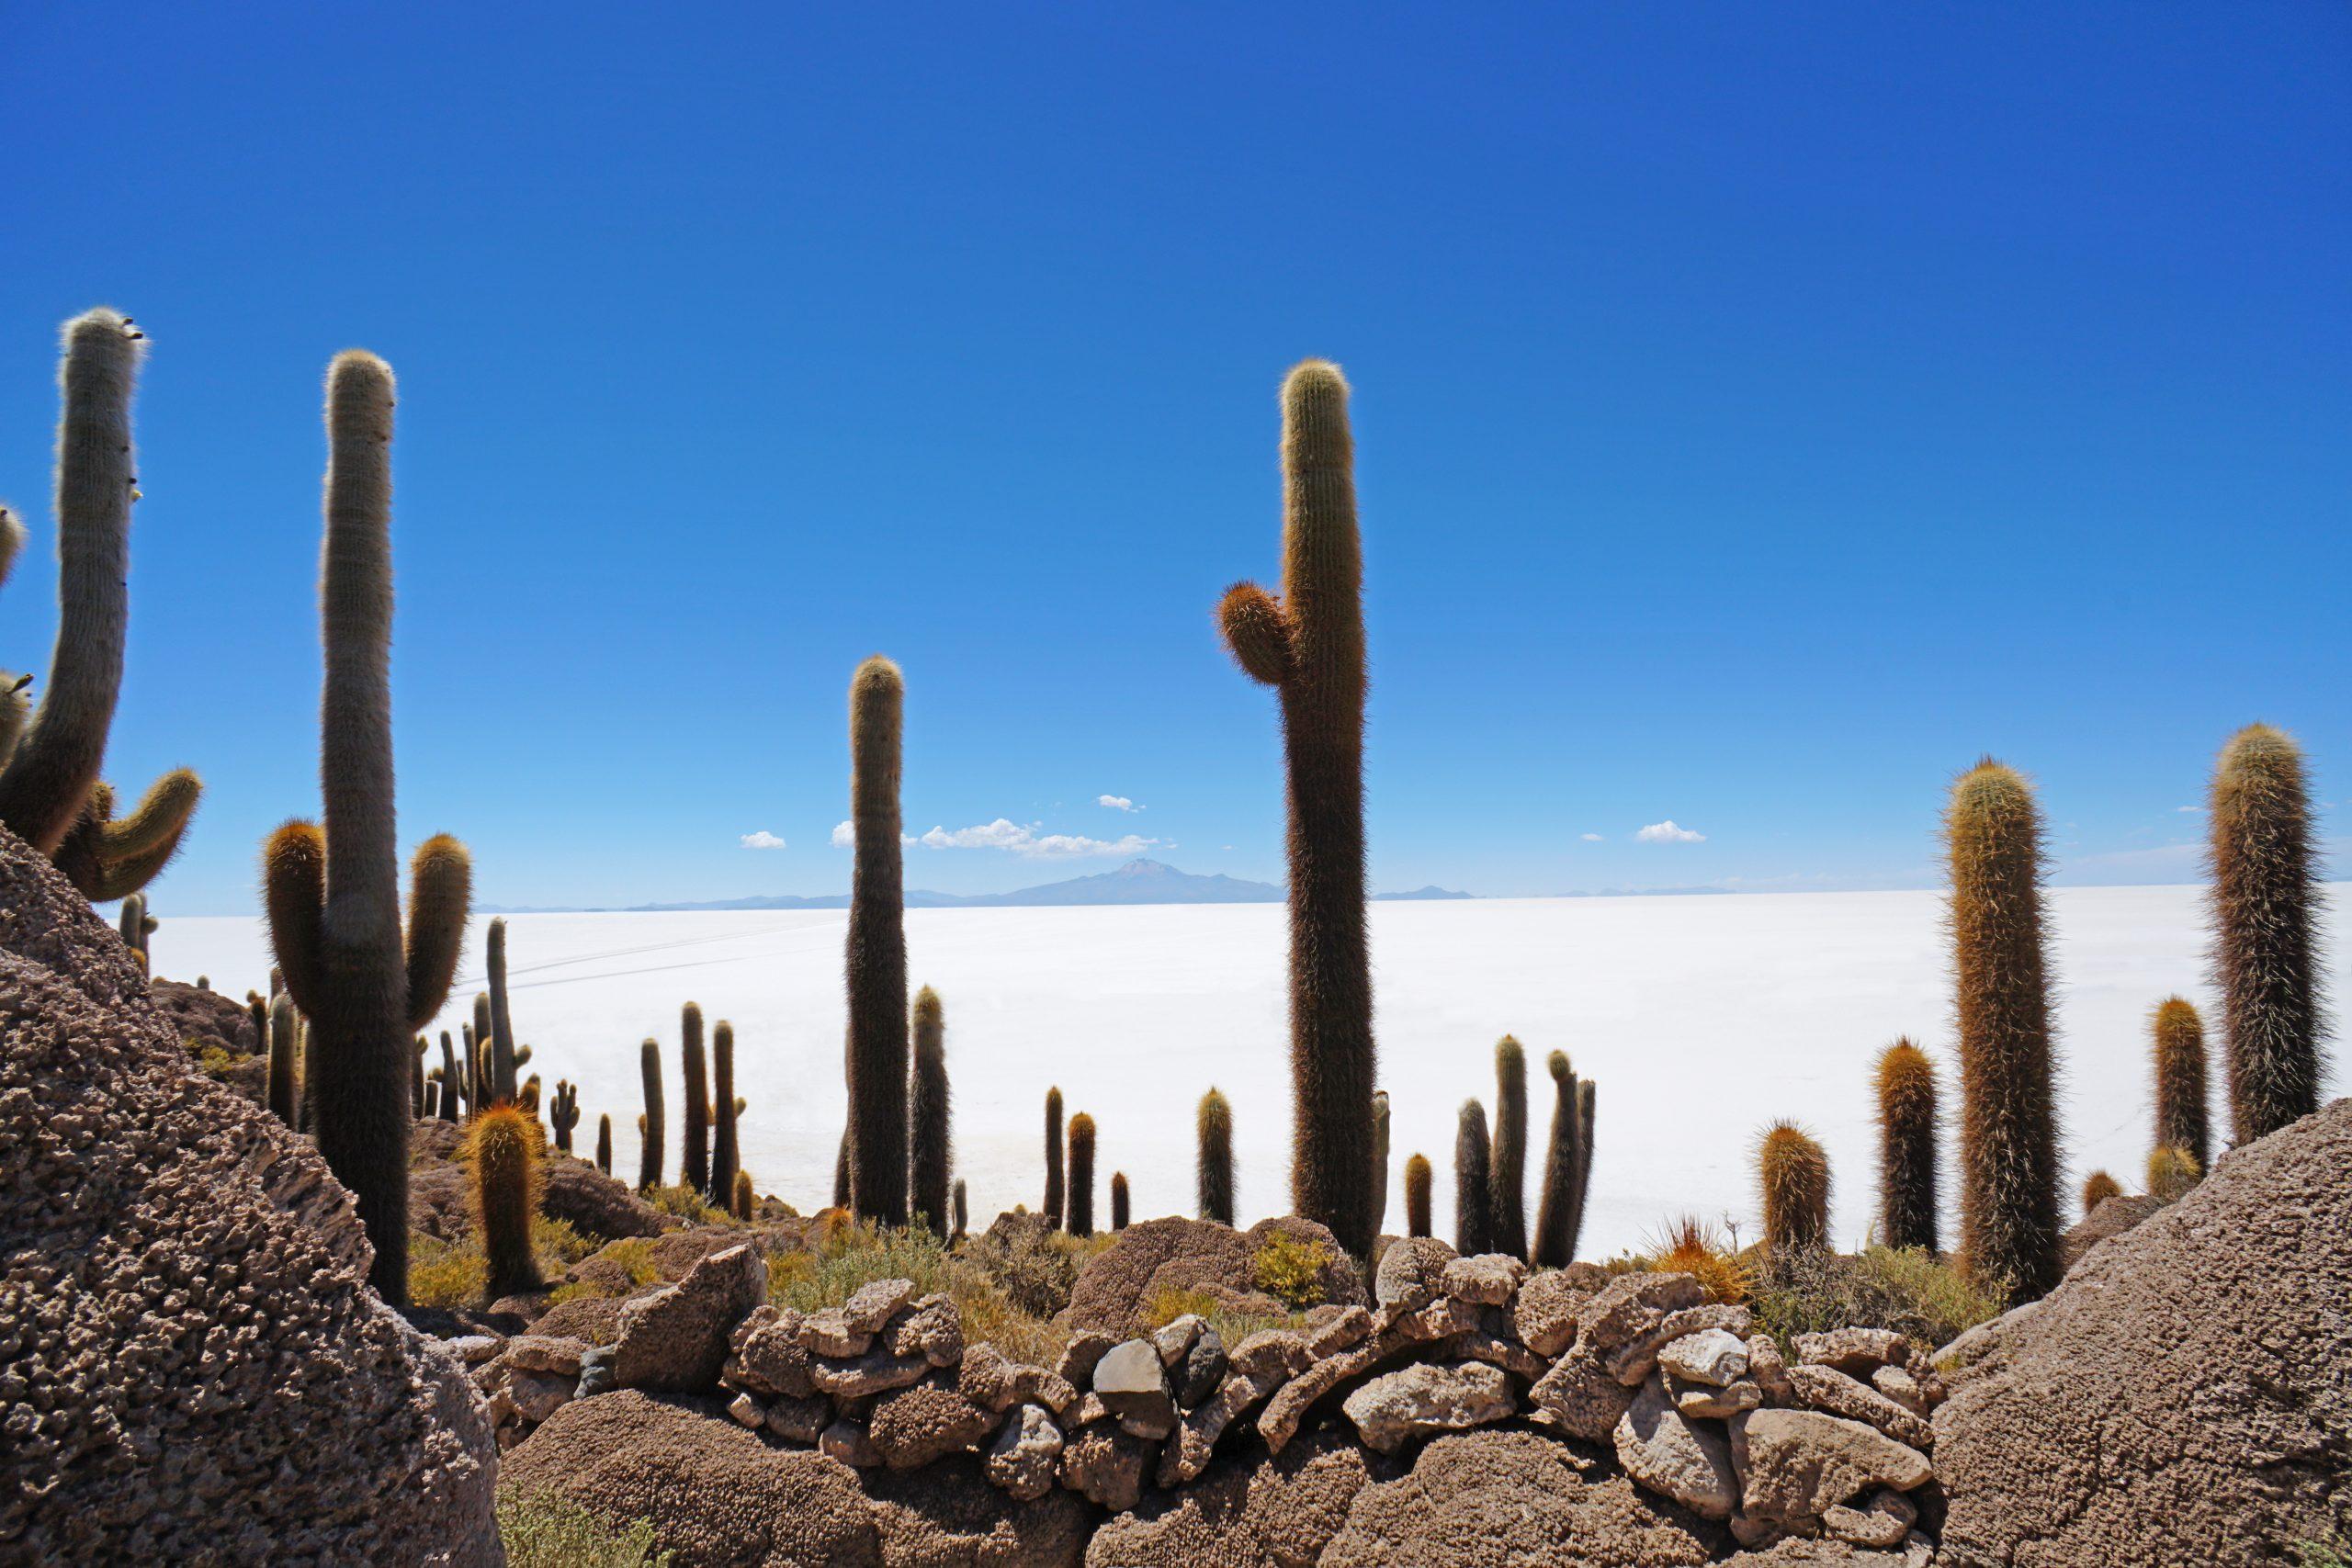 Radreise Südamerika 2019 - Isla Incuahuasi - Säulenkakteen (Echinopsis atacamensis)